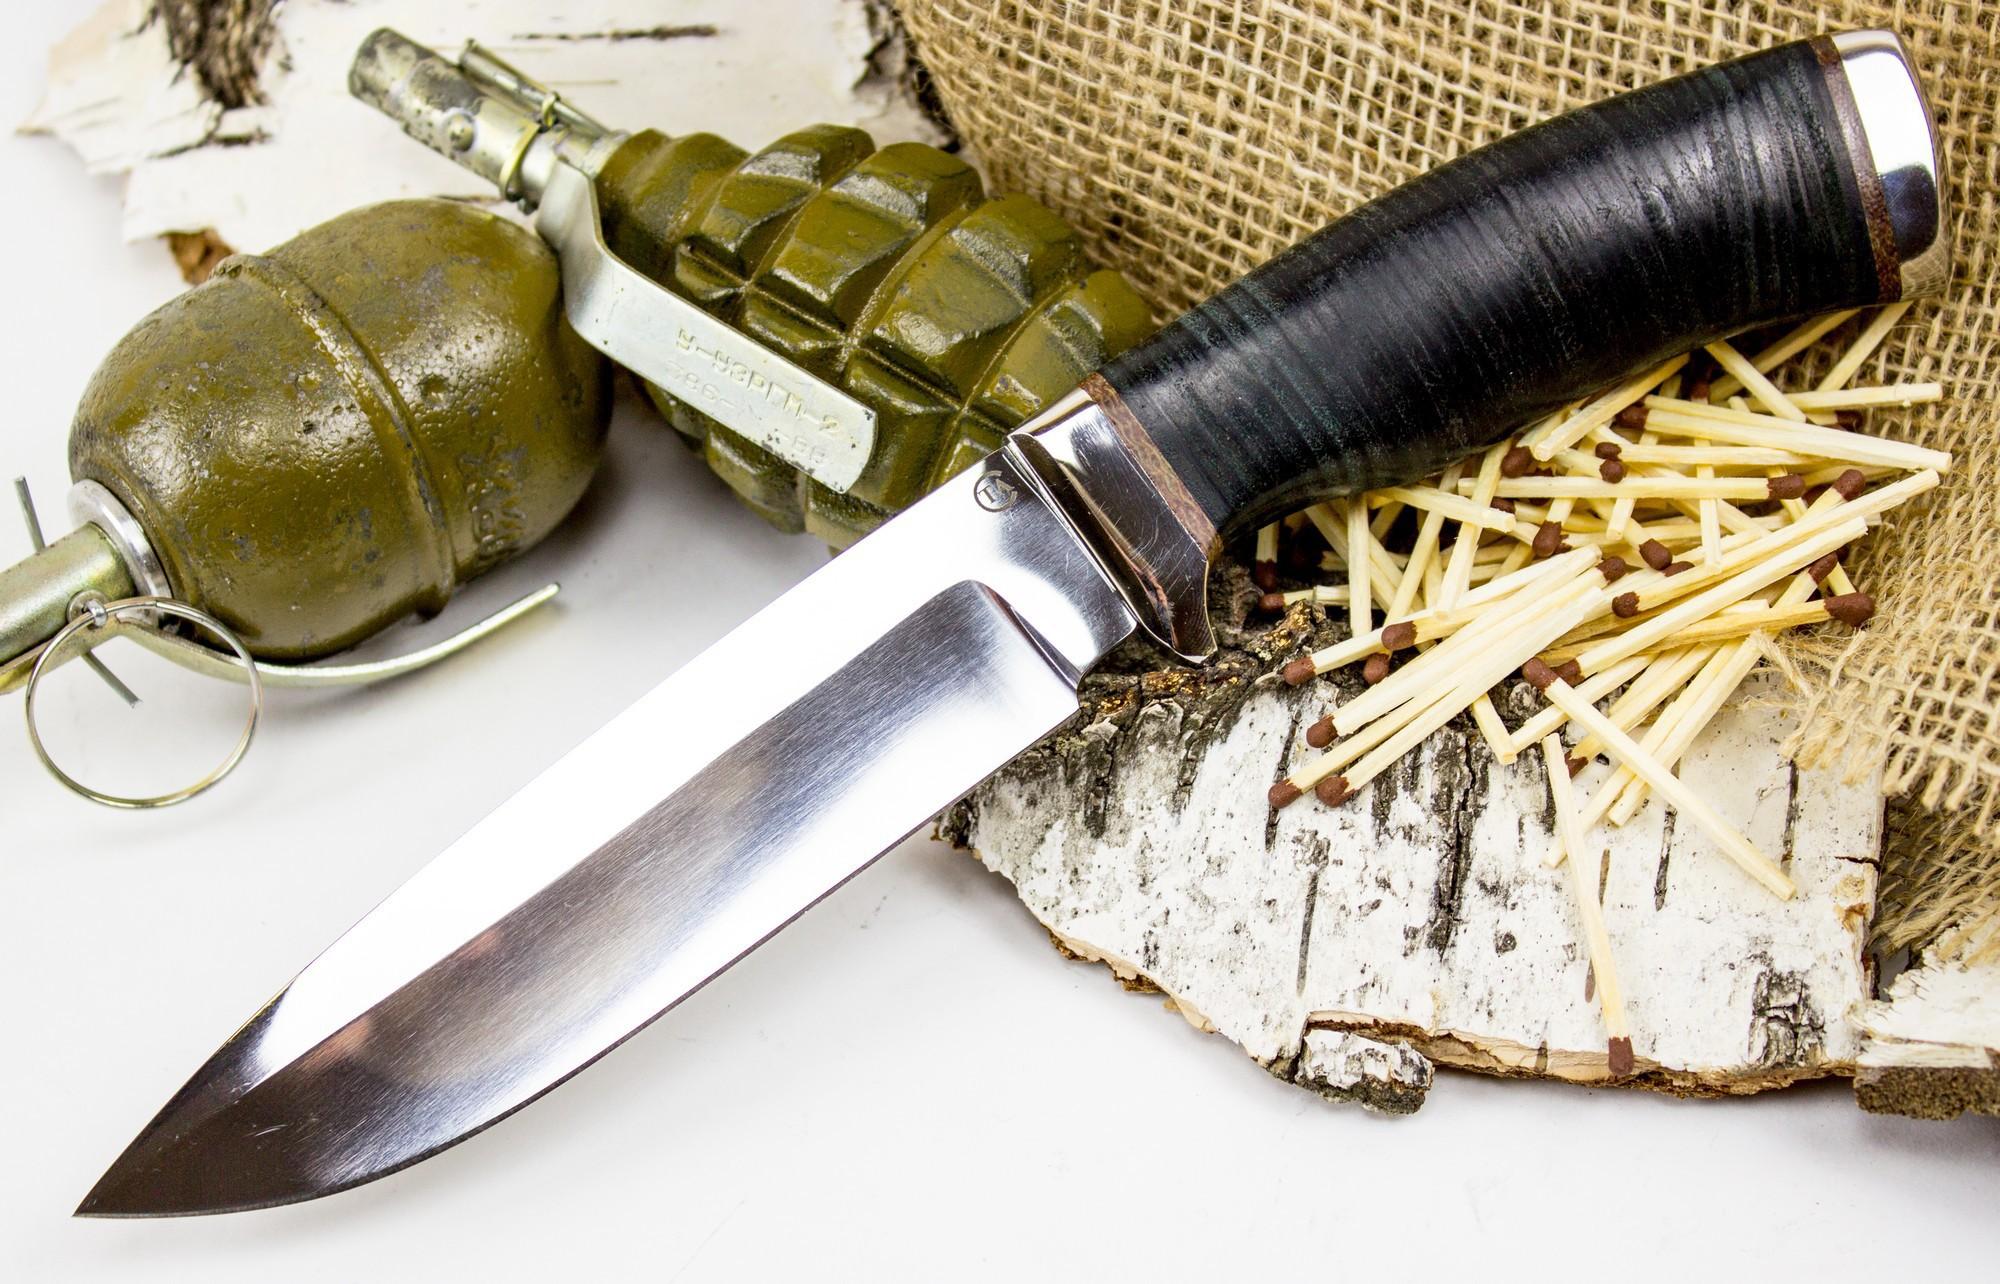 Нож Кубанец, сталь 95х18, кожаНожи разведчика НР, Финки НКВД<br>Туристический нож Кубанец представляет собой универсальный вариант ножа для разнообразных видов аутдор активности. Это практичный и универсальный нож с широким обухом и удобной рукояткой. Благодаря толщине клинка нож обладает высоким запасом прочности. Его можно использовать для работы в самых экстремальных условиях - и в холод и в жару. Рукоять из наборной кожи обладает определенной пластичностью. Даже при самых тяжелых нагрузках такая рукоять не треснет и не сломается. Тыльная часть рукояти имеет небольшое понижение, что обеспечивает возможность использовать нож для рубки кустов и веток.<br>